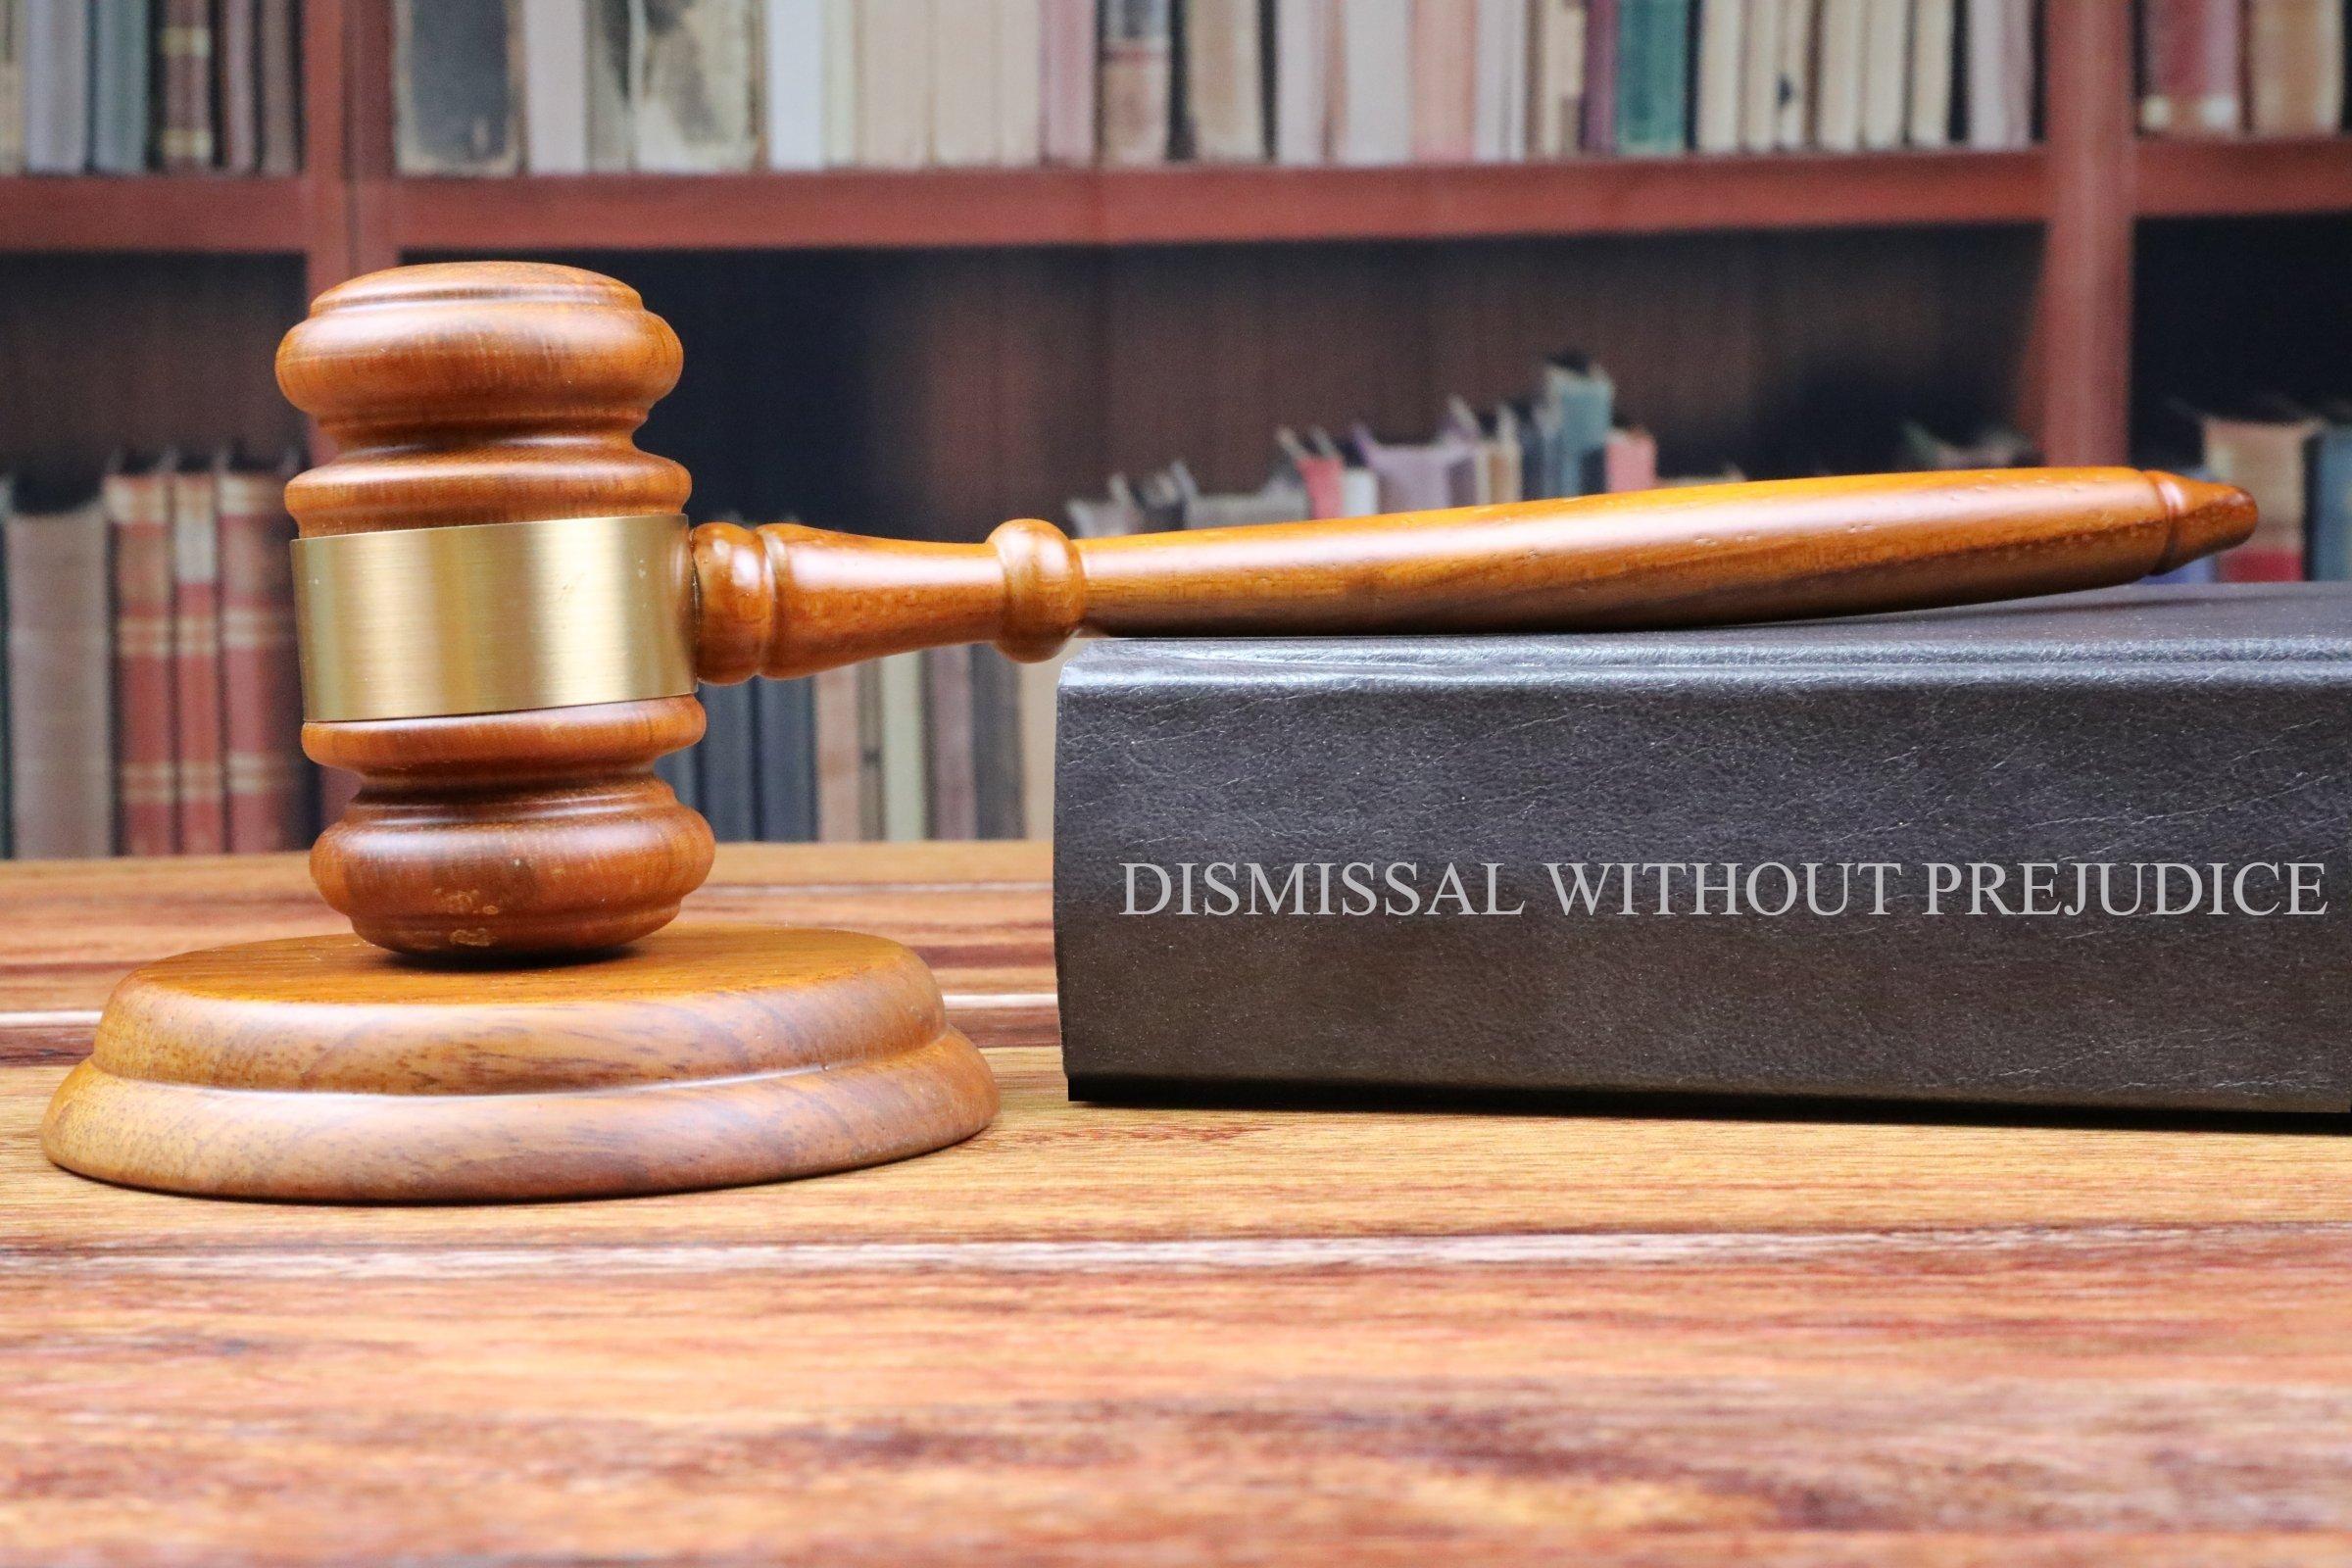 Dismissal Without Prejudice